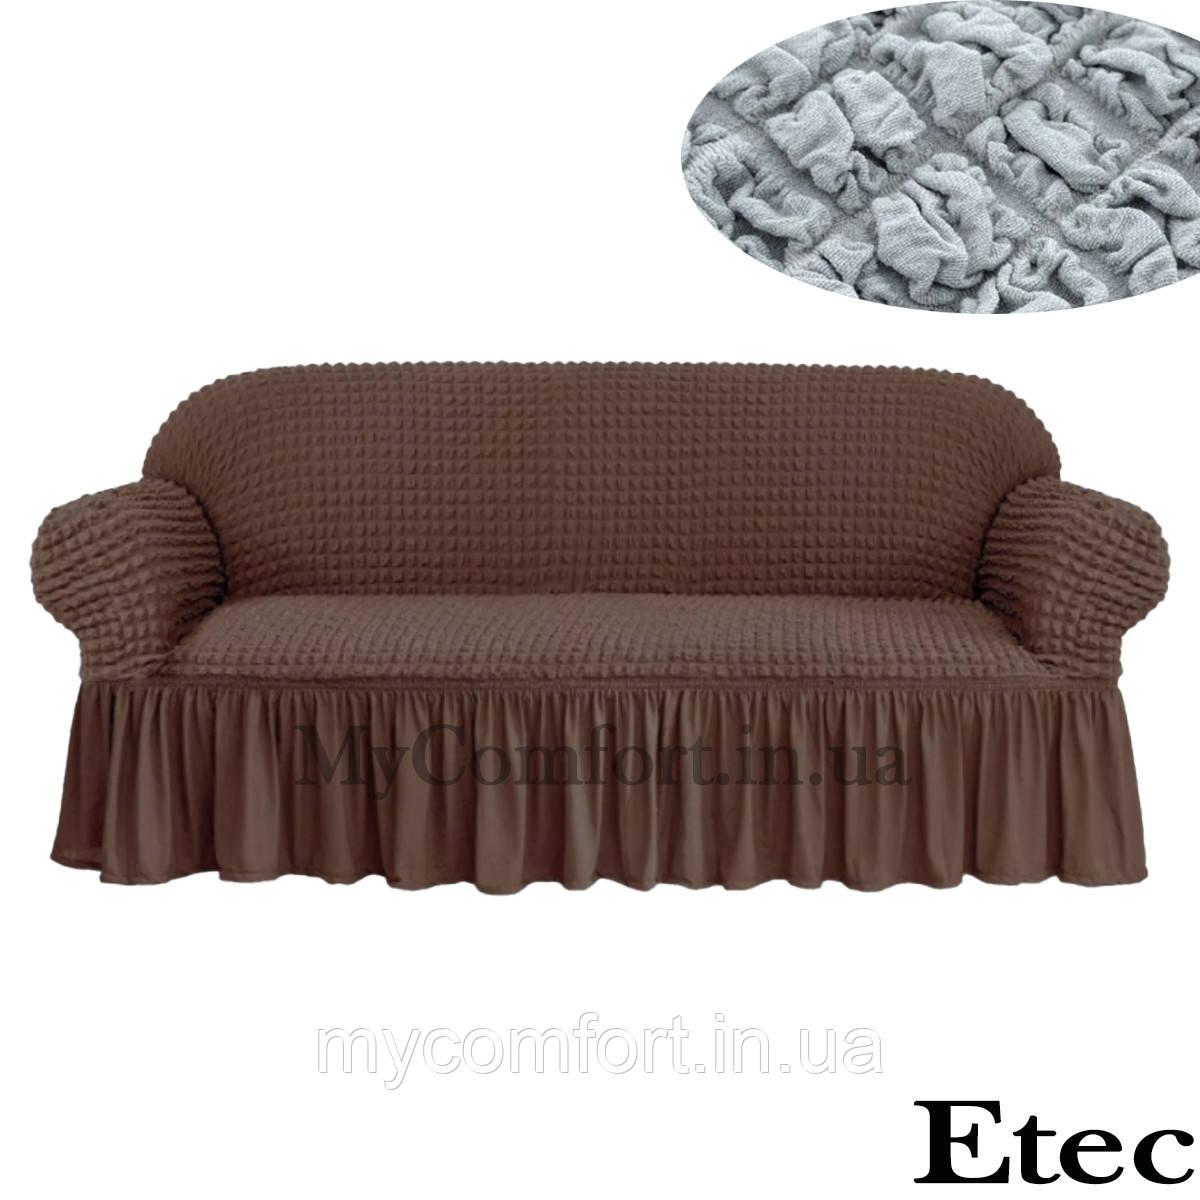 Чехол на диван Etec (универсальный). Коричневый